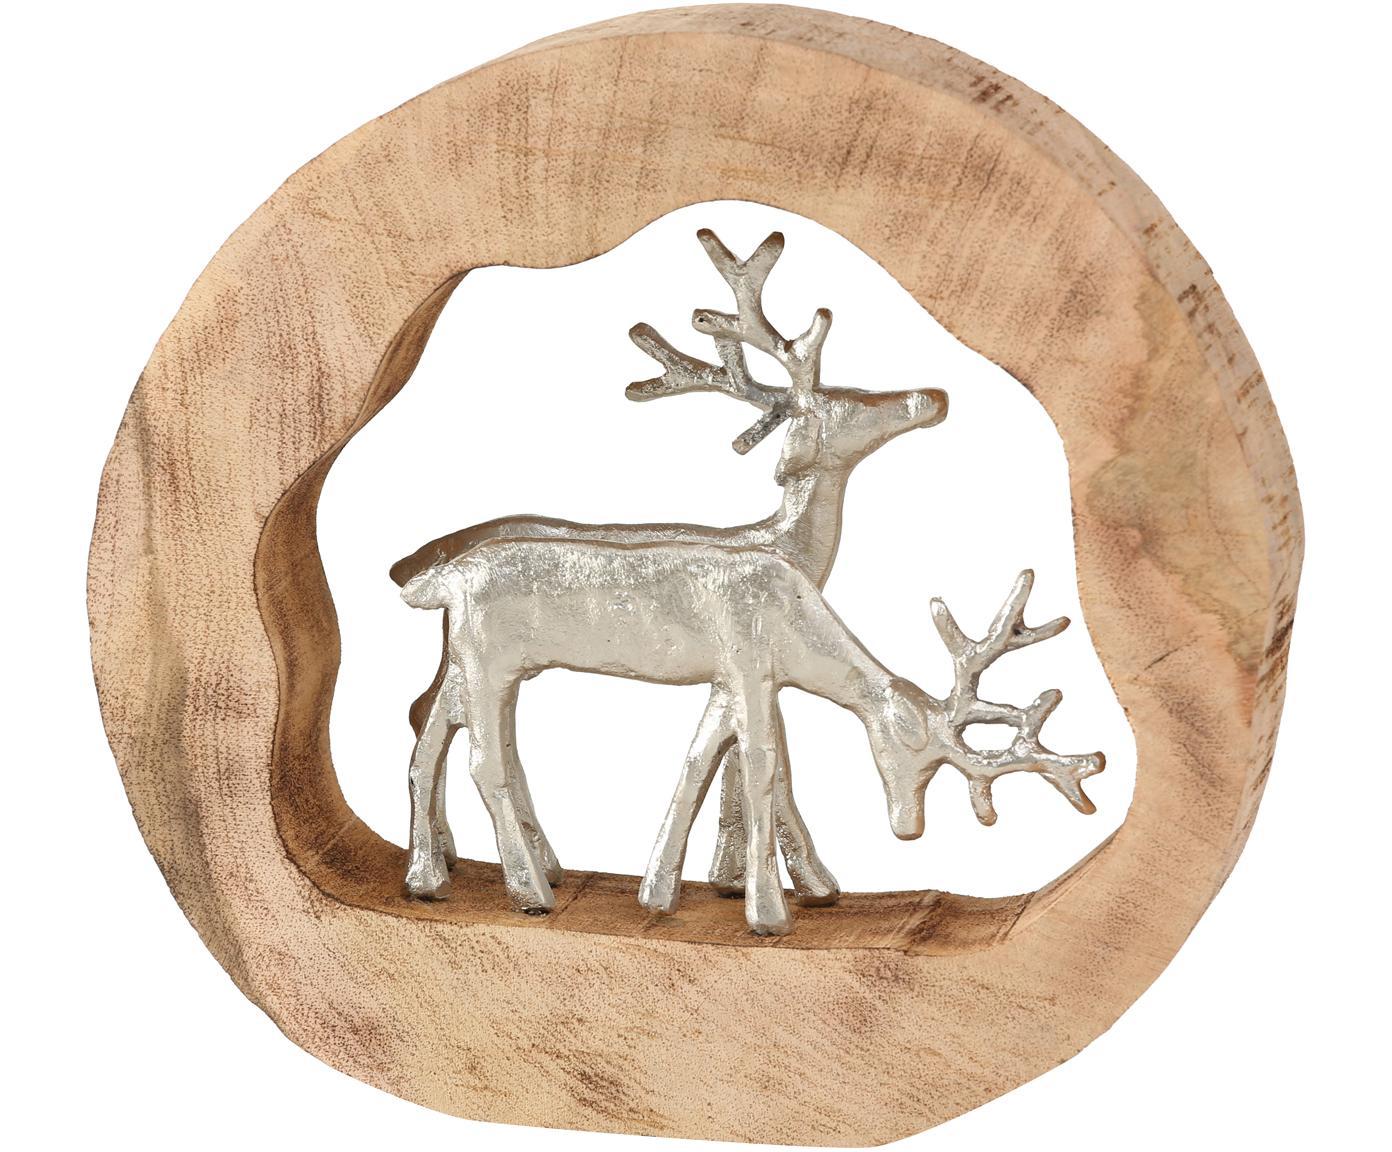 Dekoracja Elmar, Drewno naturalne, aluminium, powlekany, Drewno naturalne, odcienie srebrnego, S 27 x W 28 cm